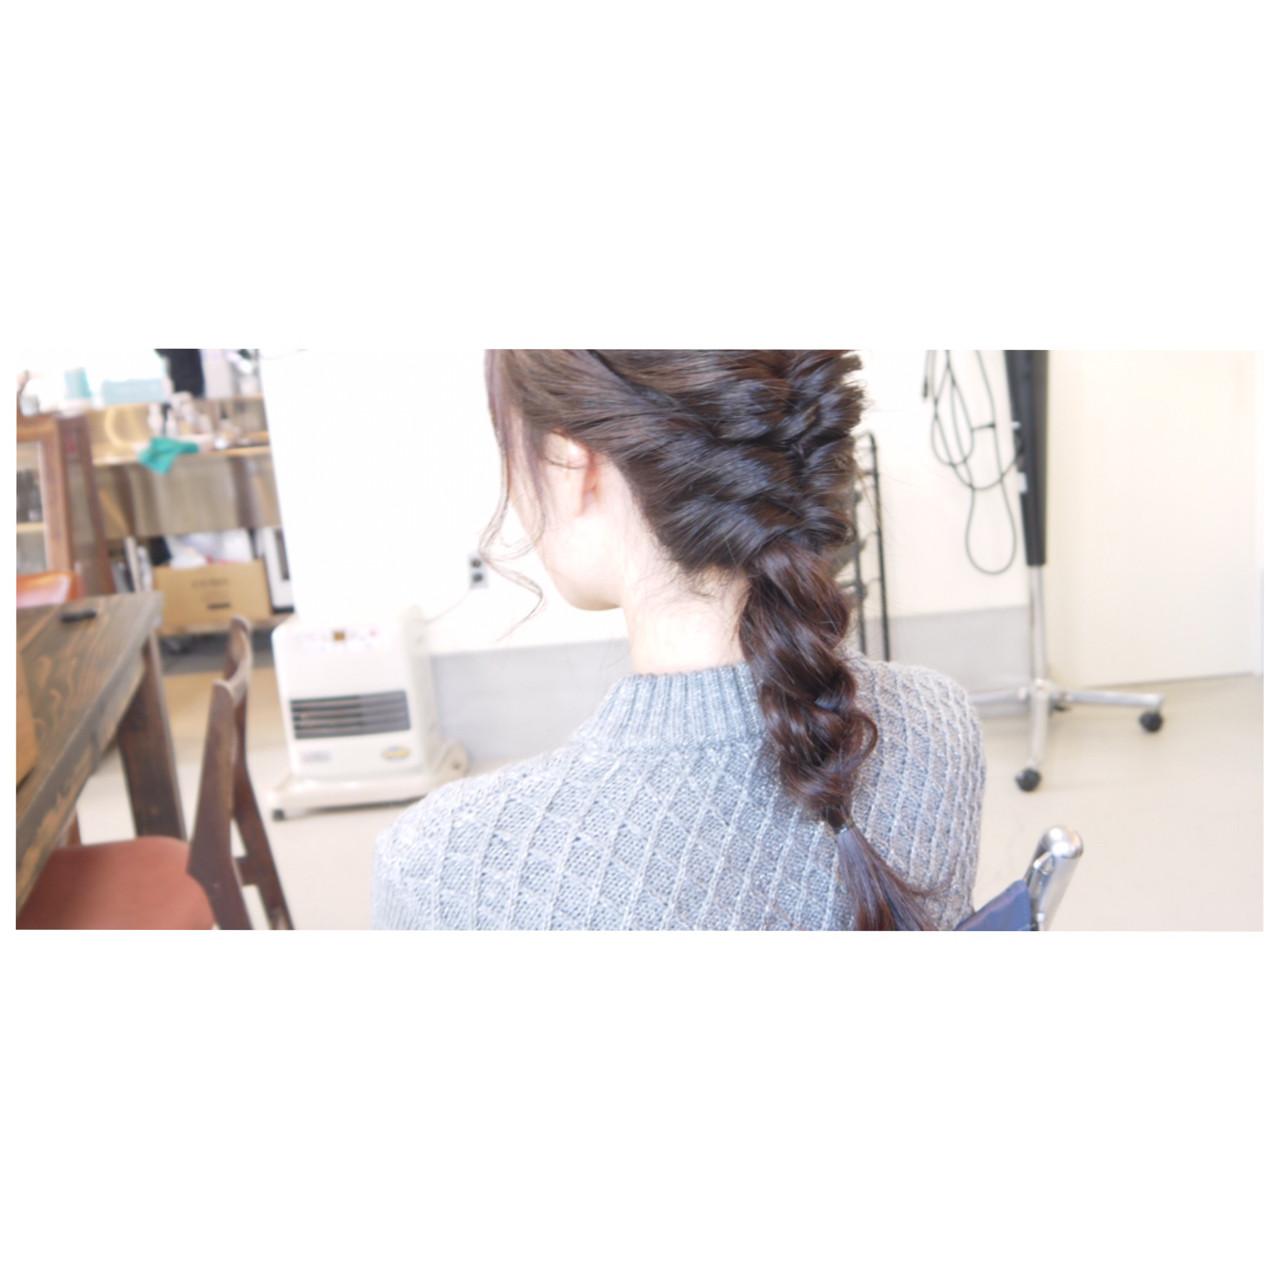 ヘアアレンジ ショート ナチュラル 編み込み ヘアスタイルや髪型の写真・画像